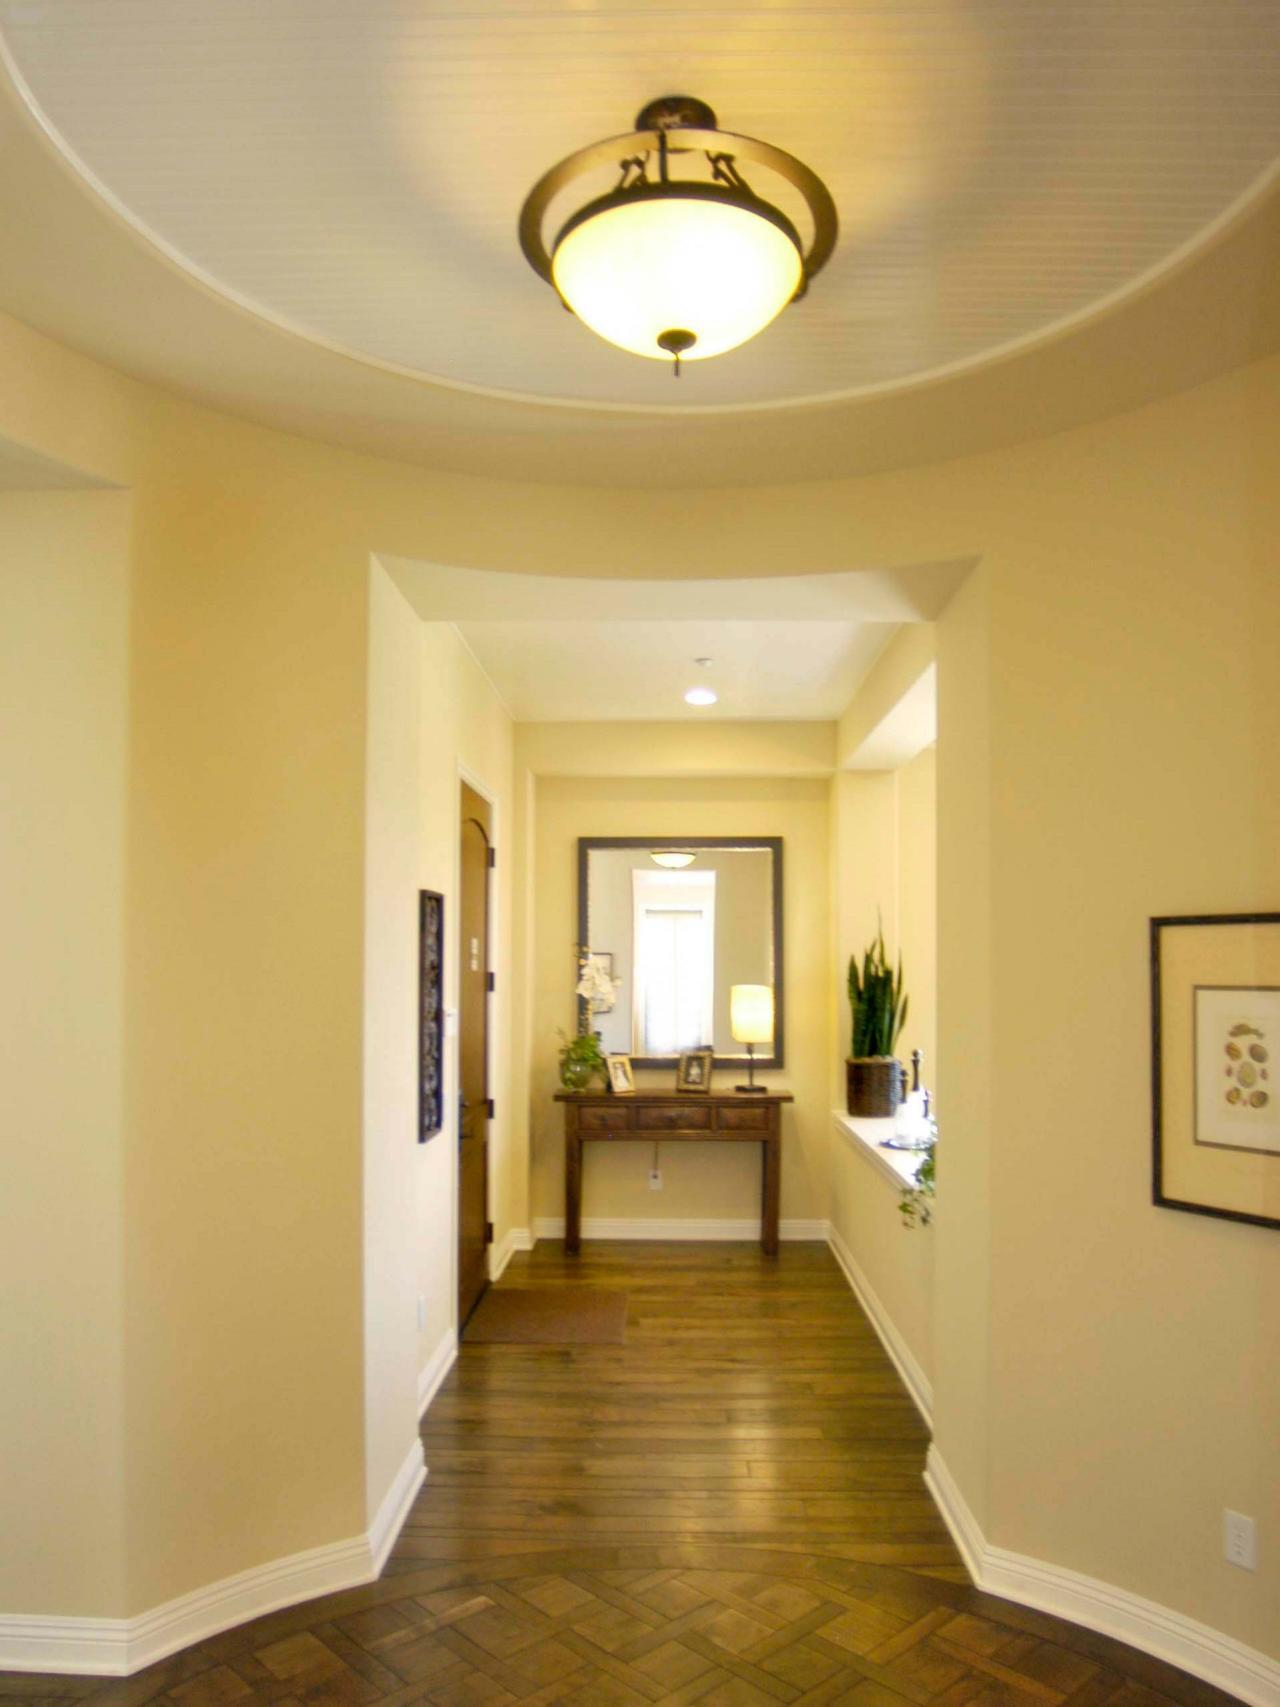 Belysning-tips-til-alle-rum-mekaniske systemer-hgtv-loft-monteret-fixtures_ceiling-design-hal-big_interior-design_interior-design-san-diego-how-meget-do-designere-make-løn-virksomheder- definition-w